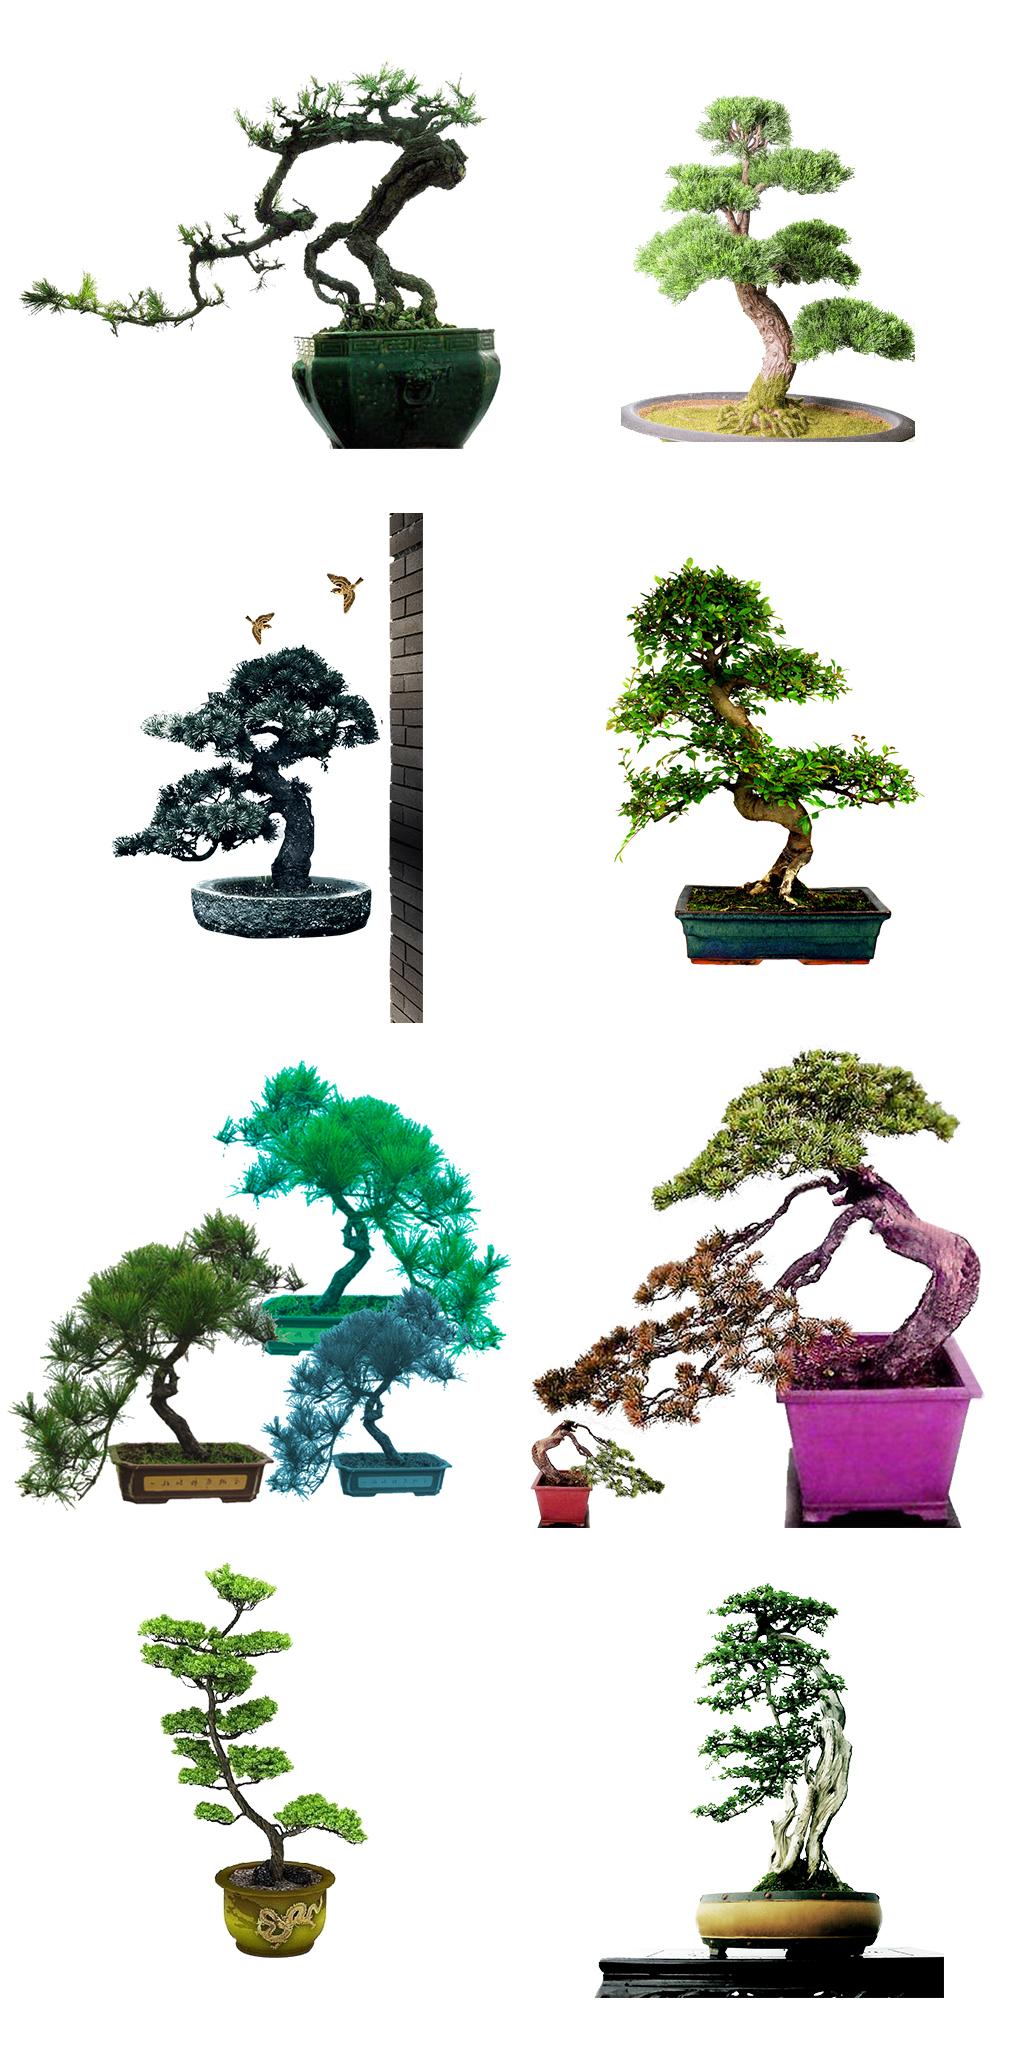 盆栽迎客松植物png图片素材